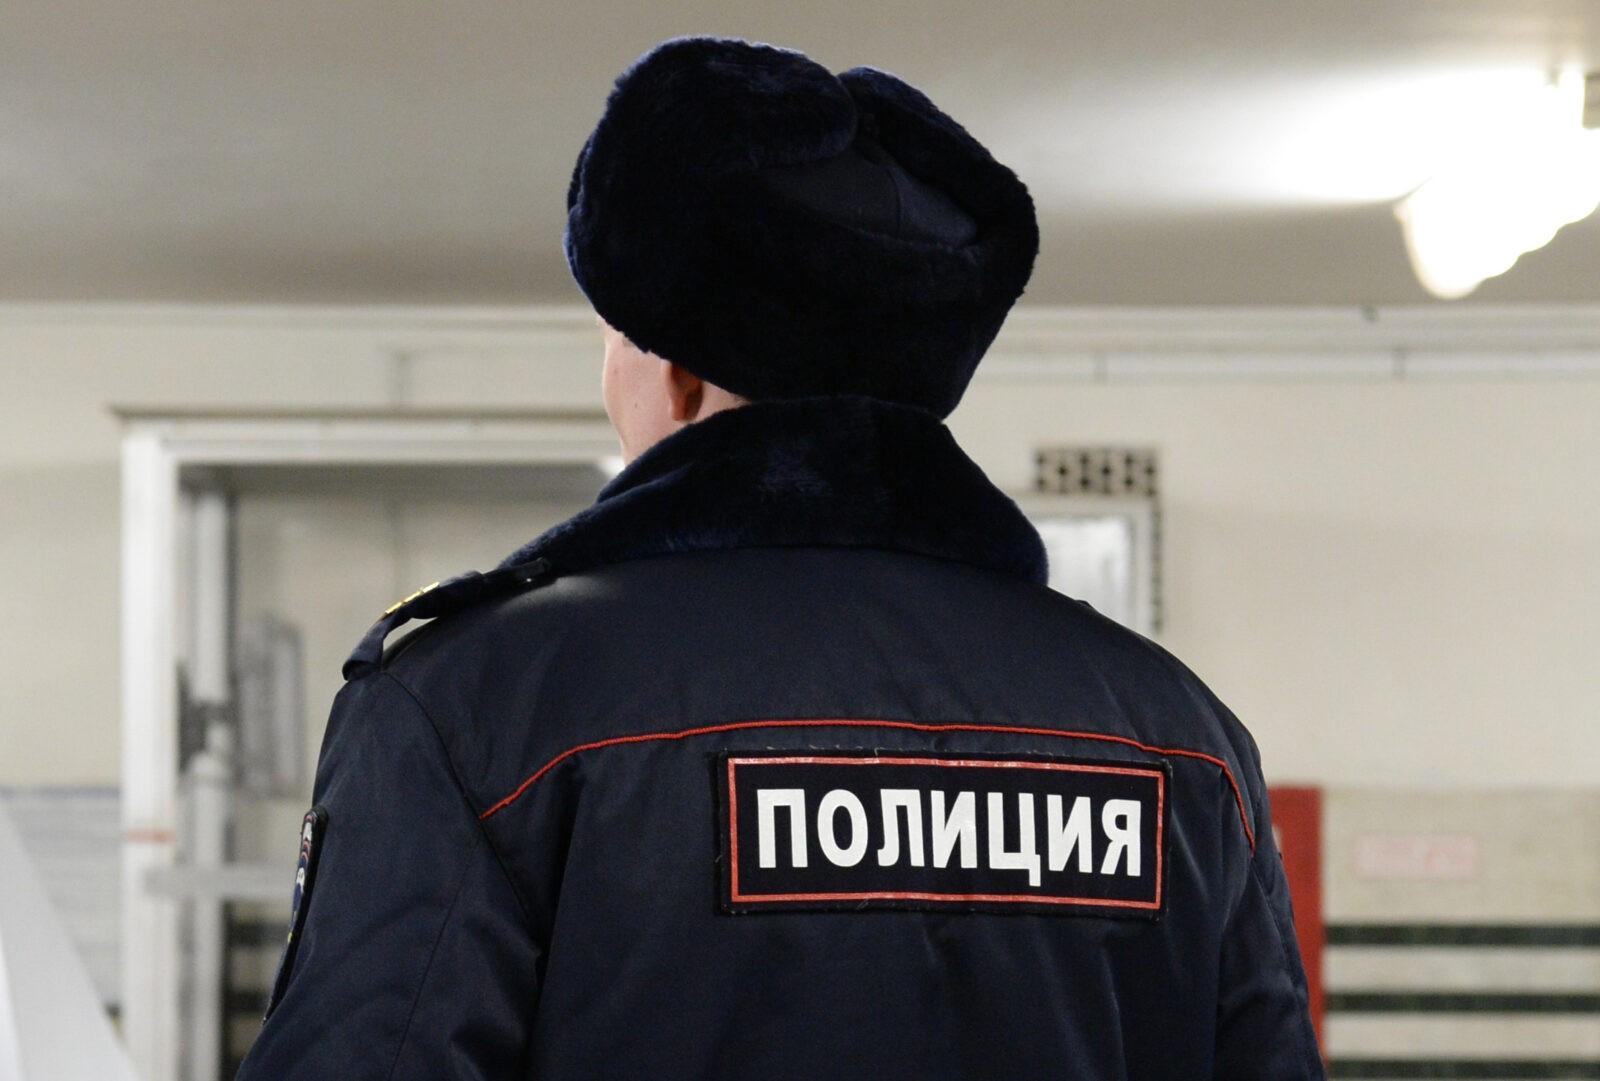 В Санкт-Петербурге из окна многоэтажки выпала уроженка Тверской области